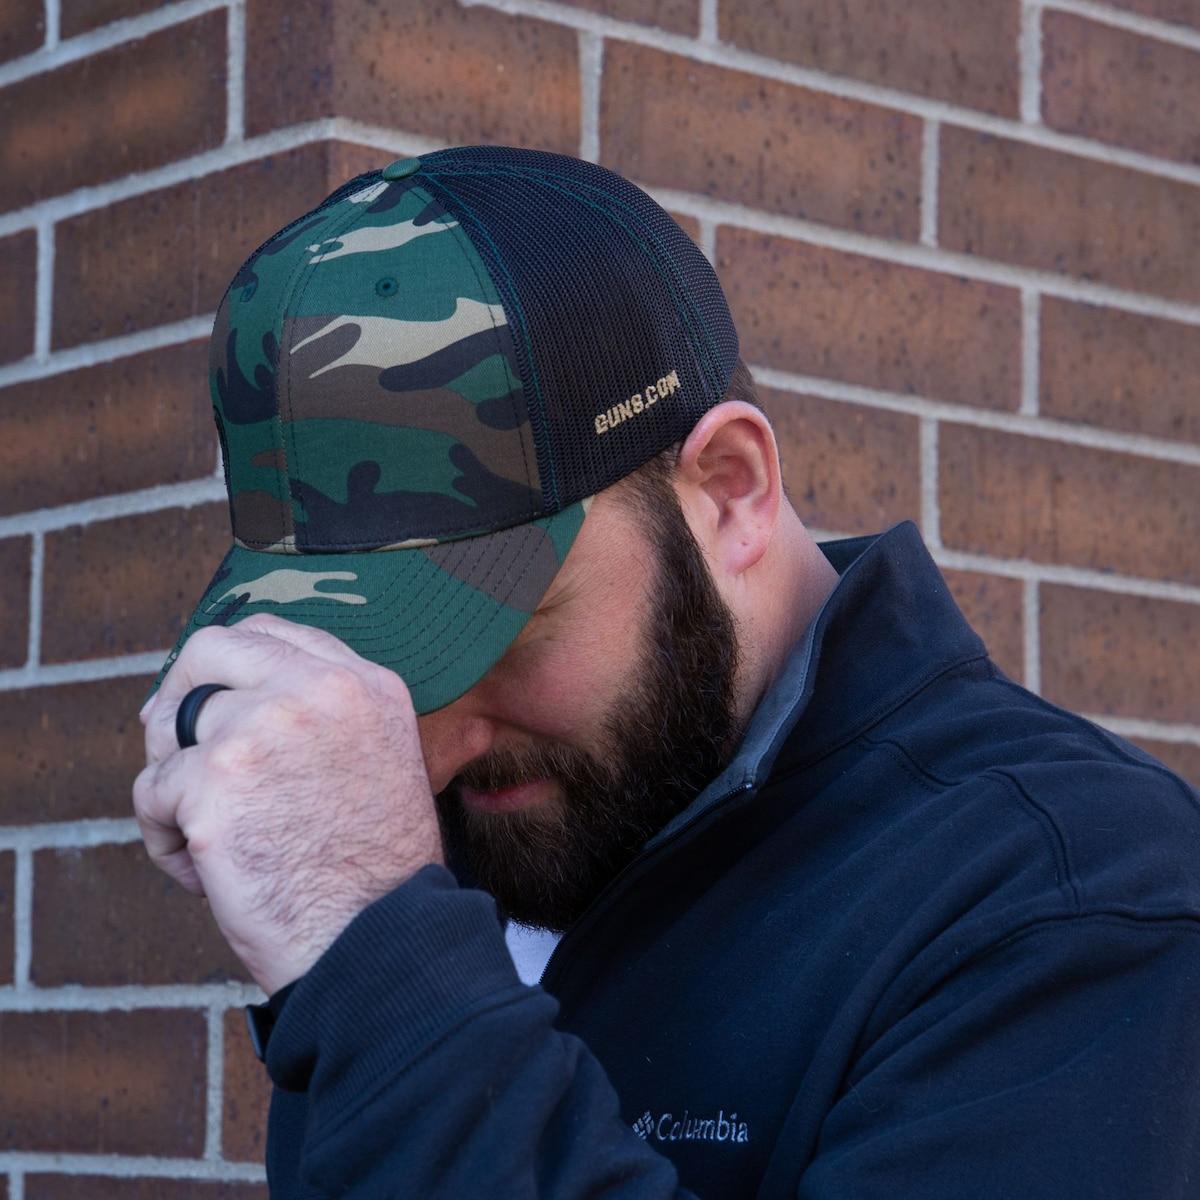 GUNS.COM Woodland Camo Snapback Hat